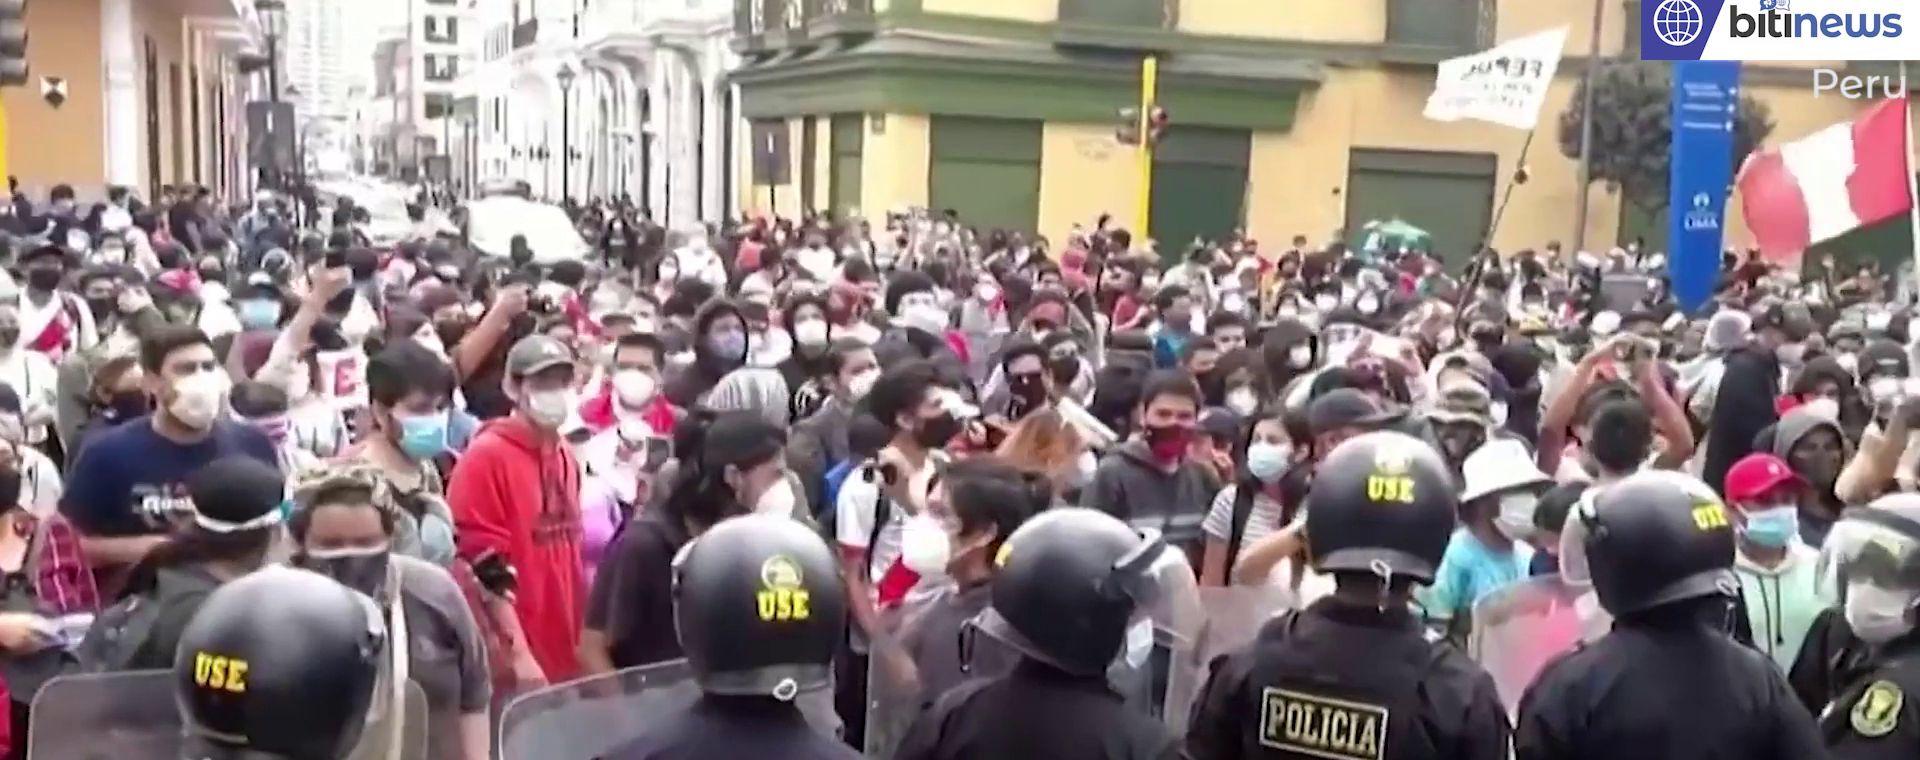 Trouble in Peru